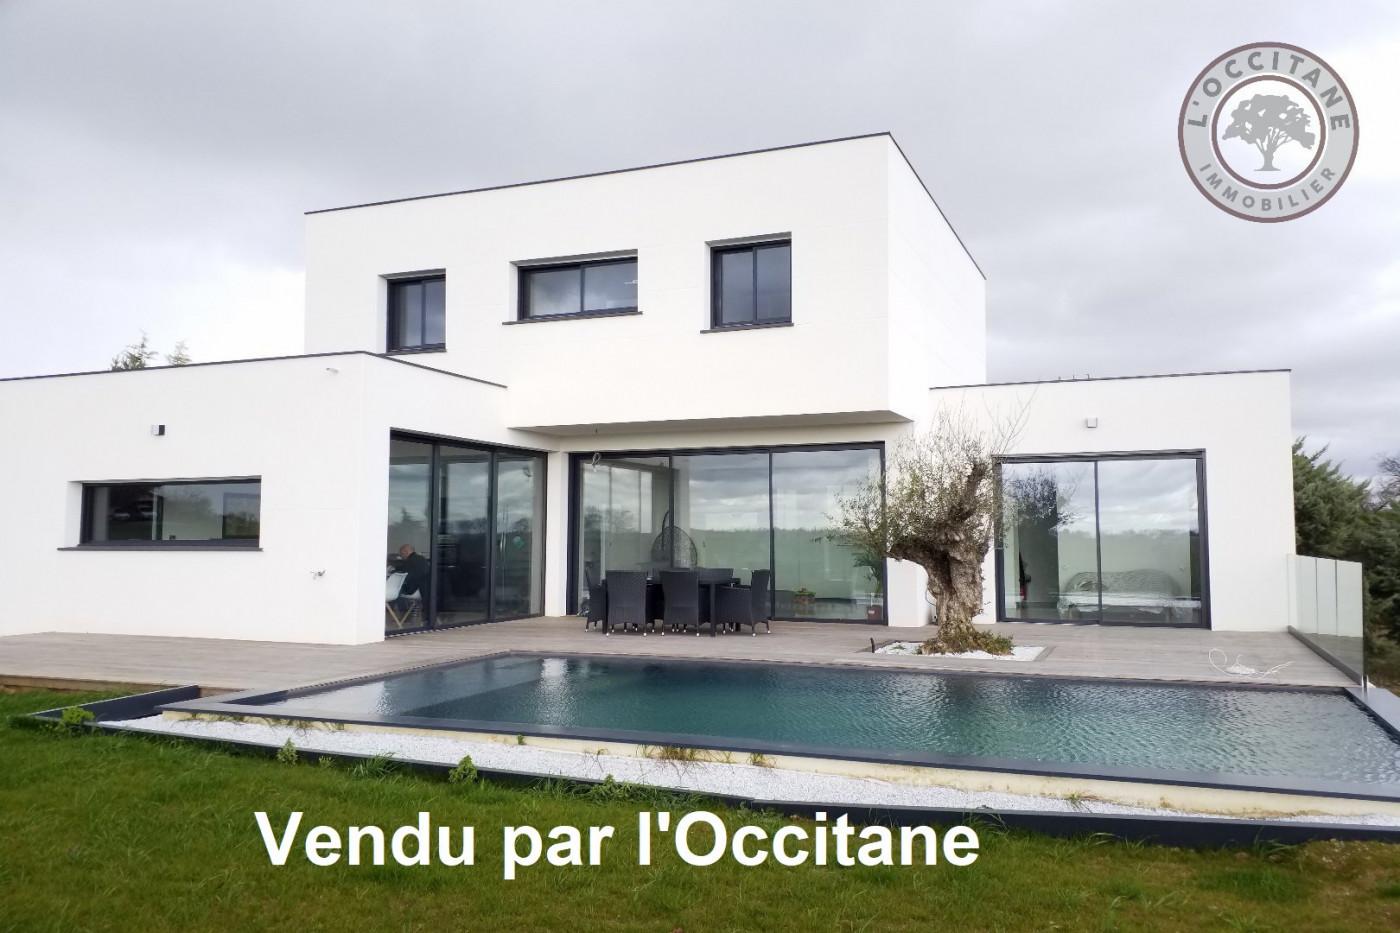 Vente Maison Contemporaine L Isle Jourdain 150m 1260m 5 Pieces 460 000